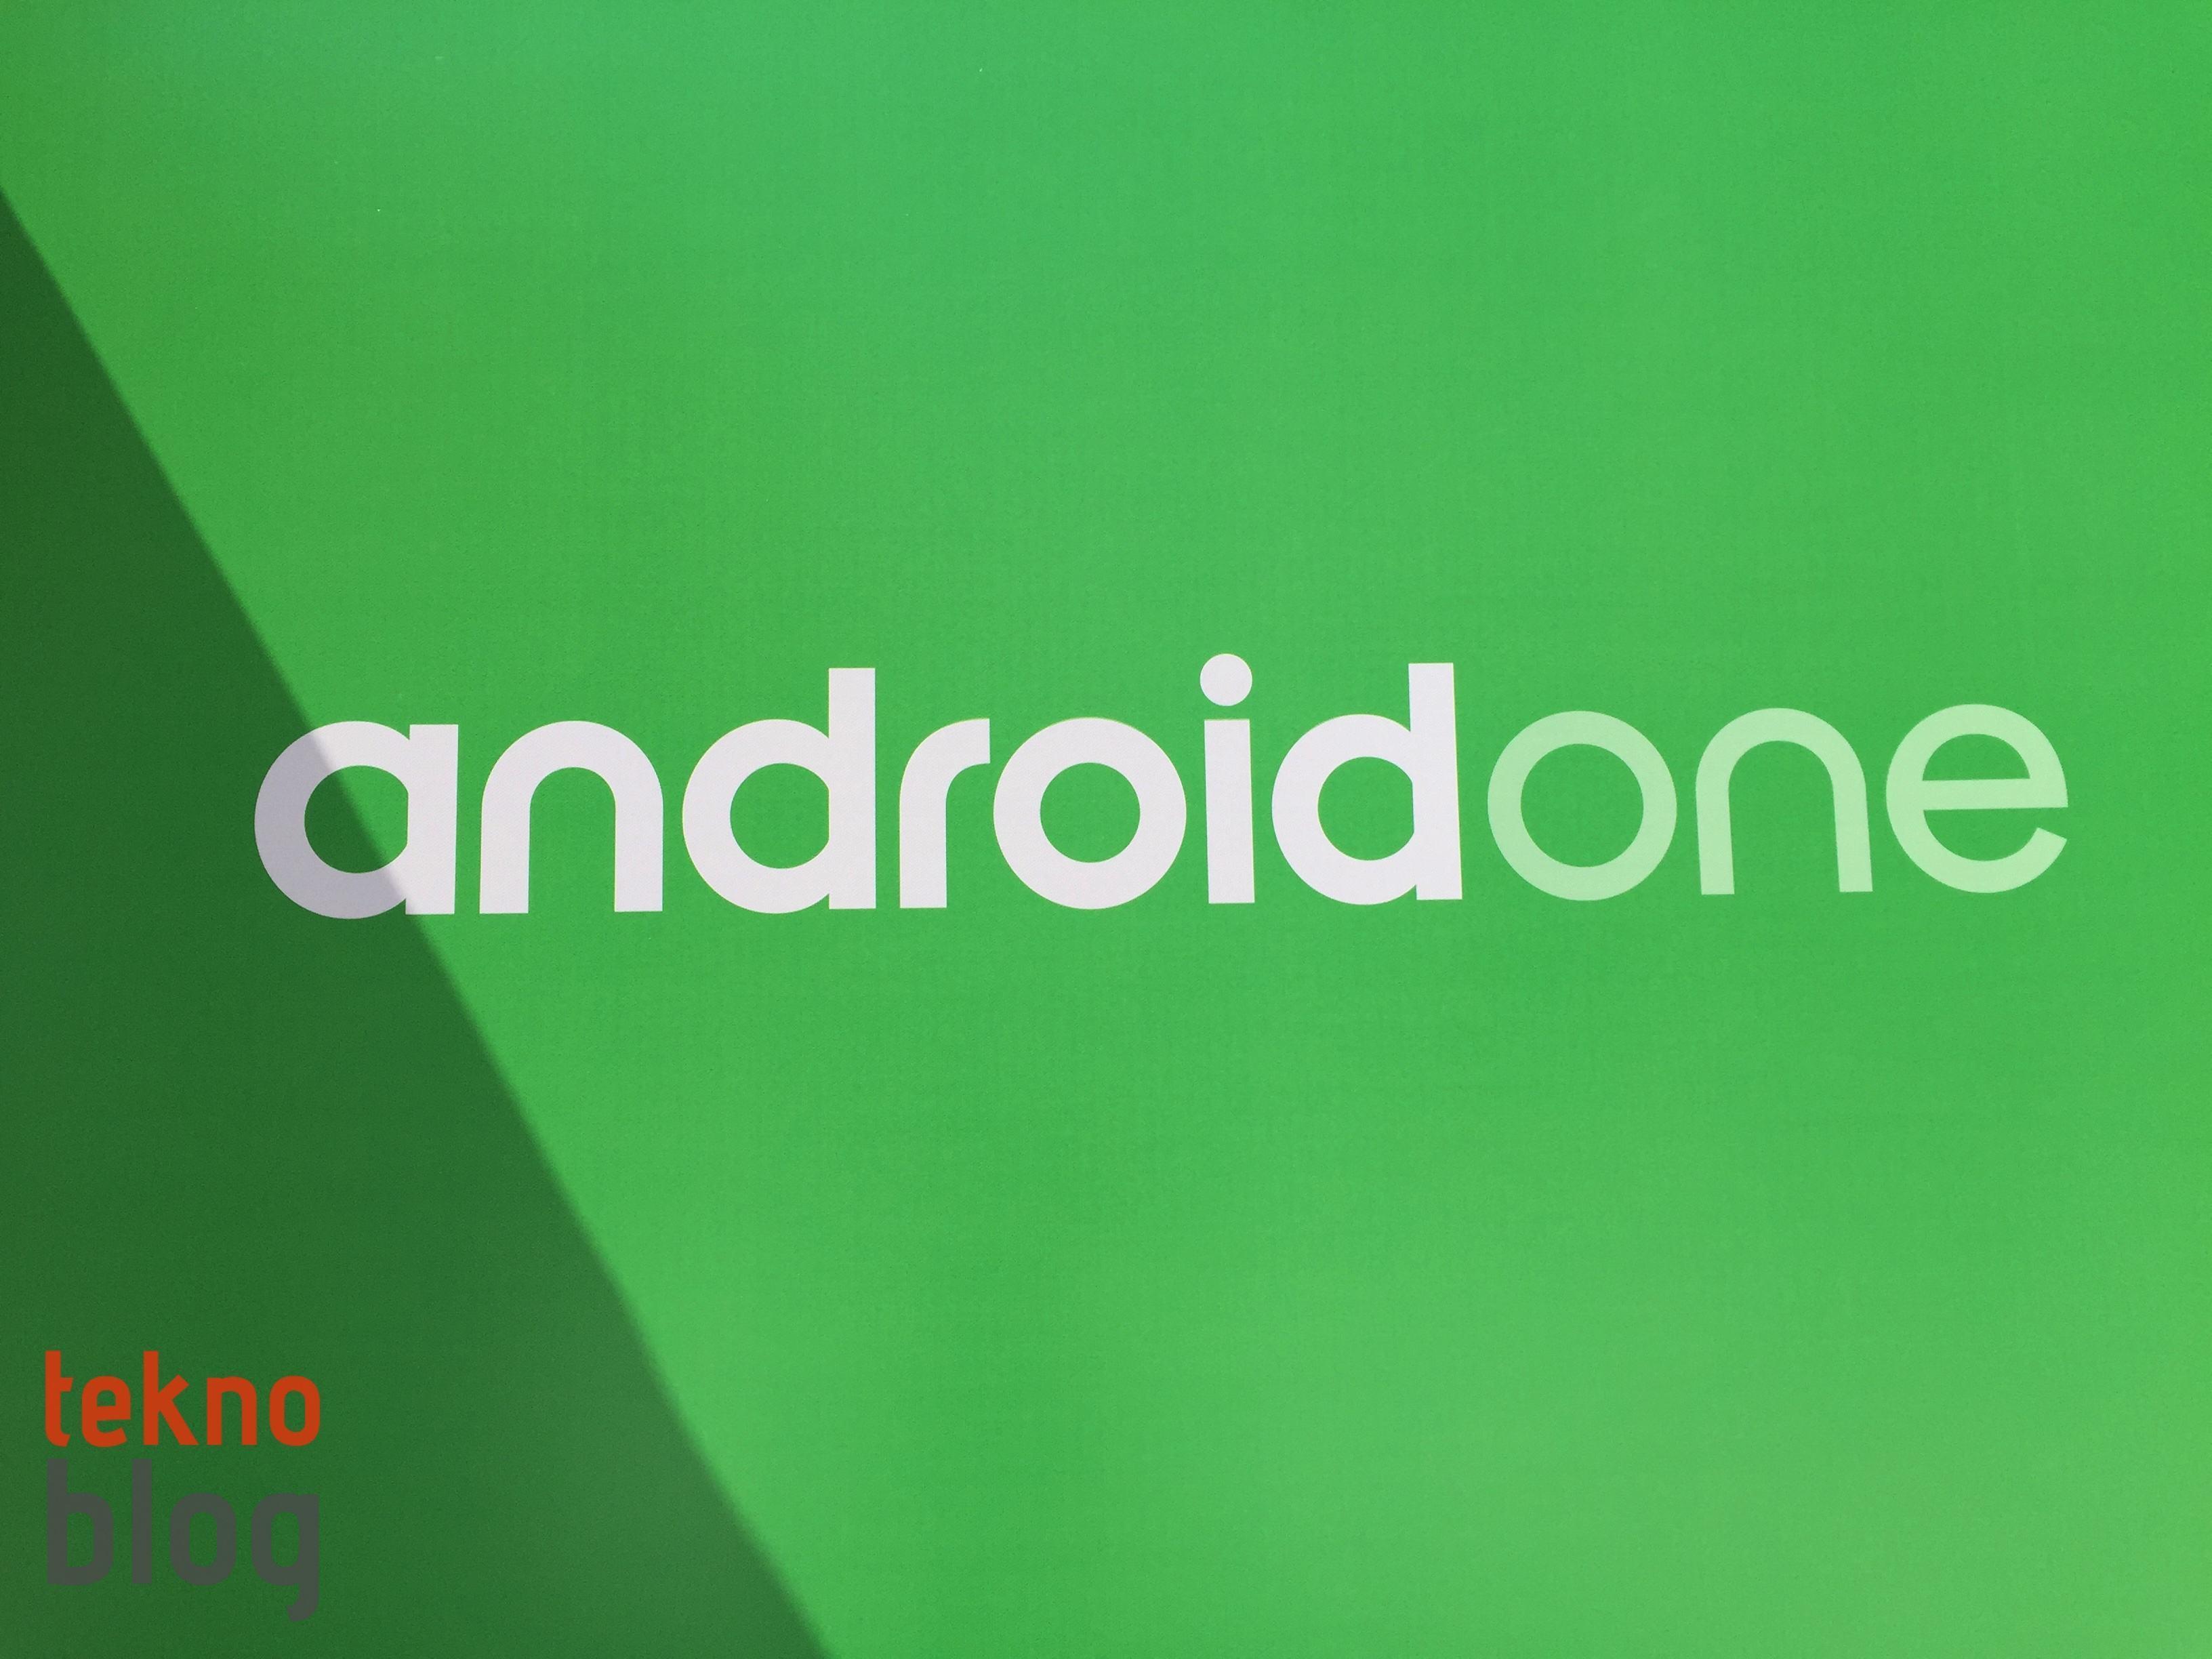 Android One üreticileri çentiği gizleme özelliğini kaldırmak zorunda değil